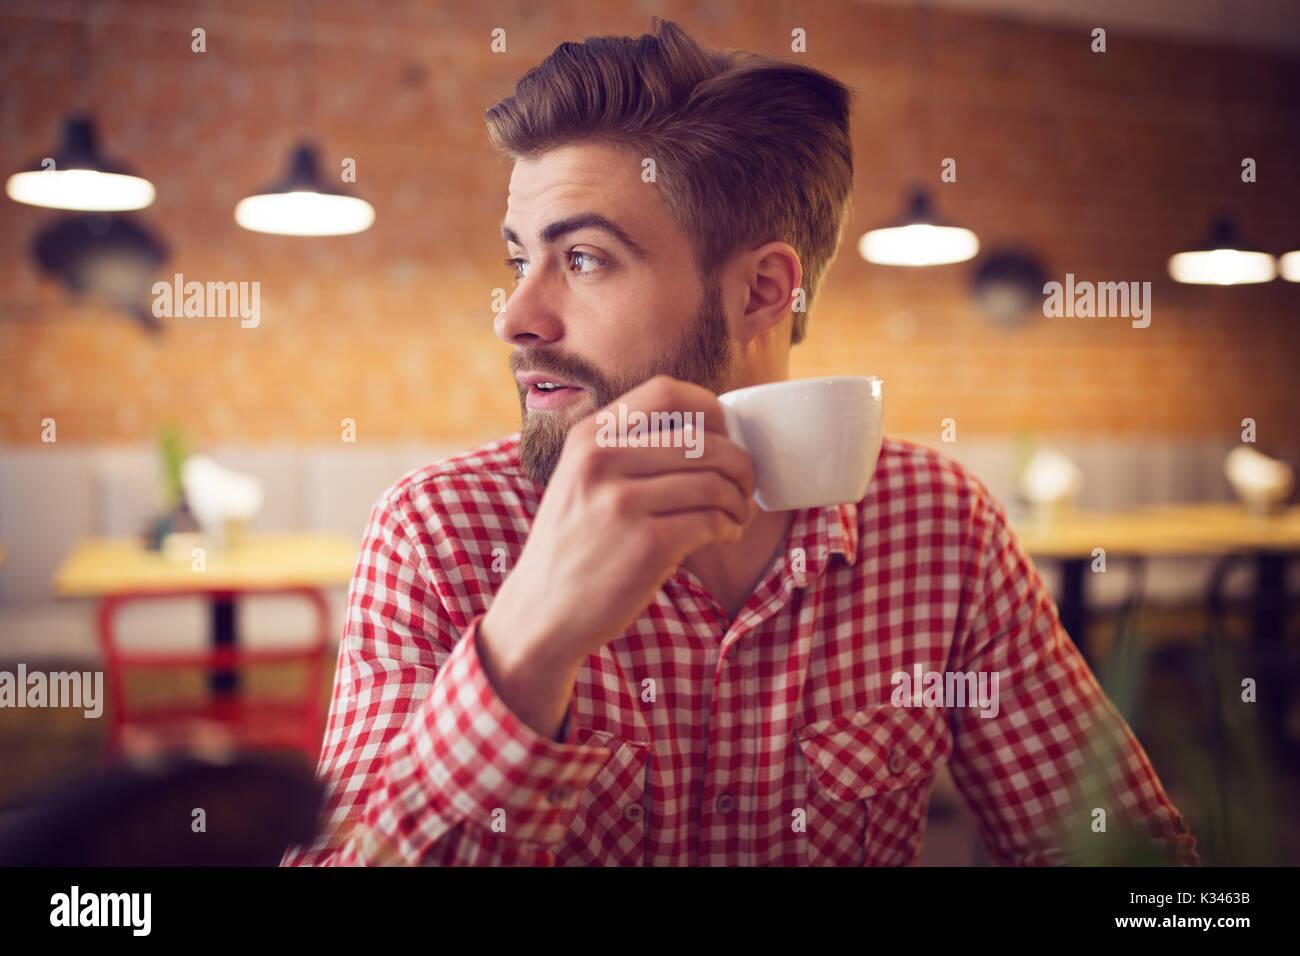 Una foto de joven en camisa de cuadros para sentarse en la cafetería con una taza de café en su mano. Imagen De Stock